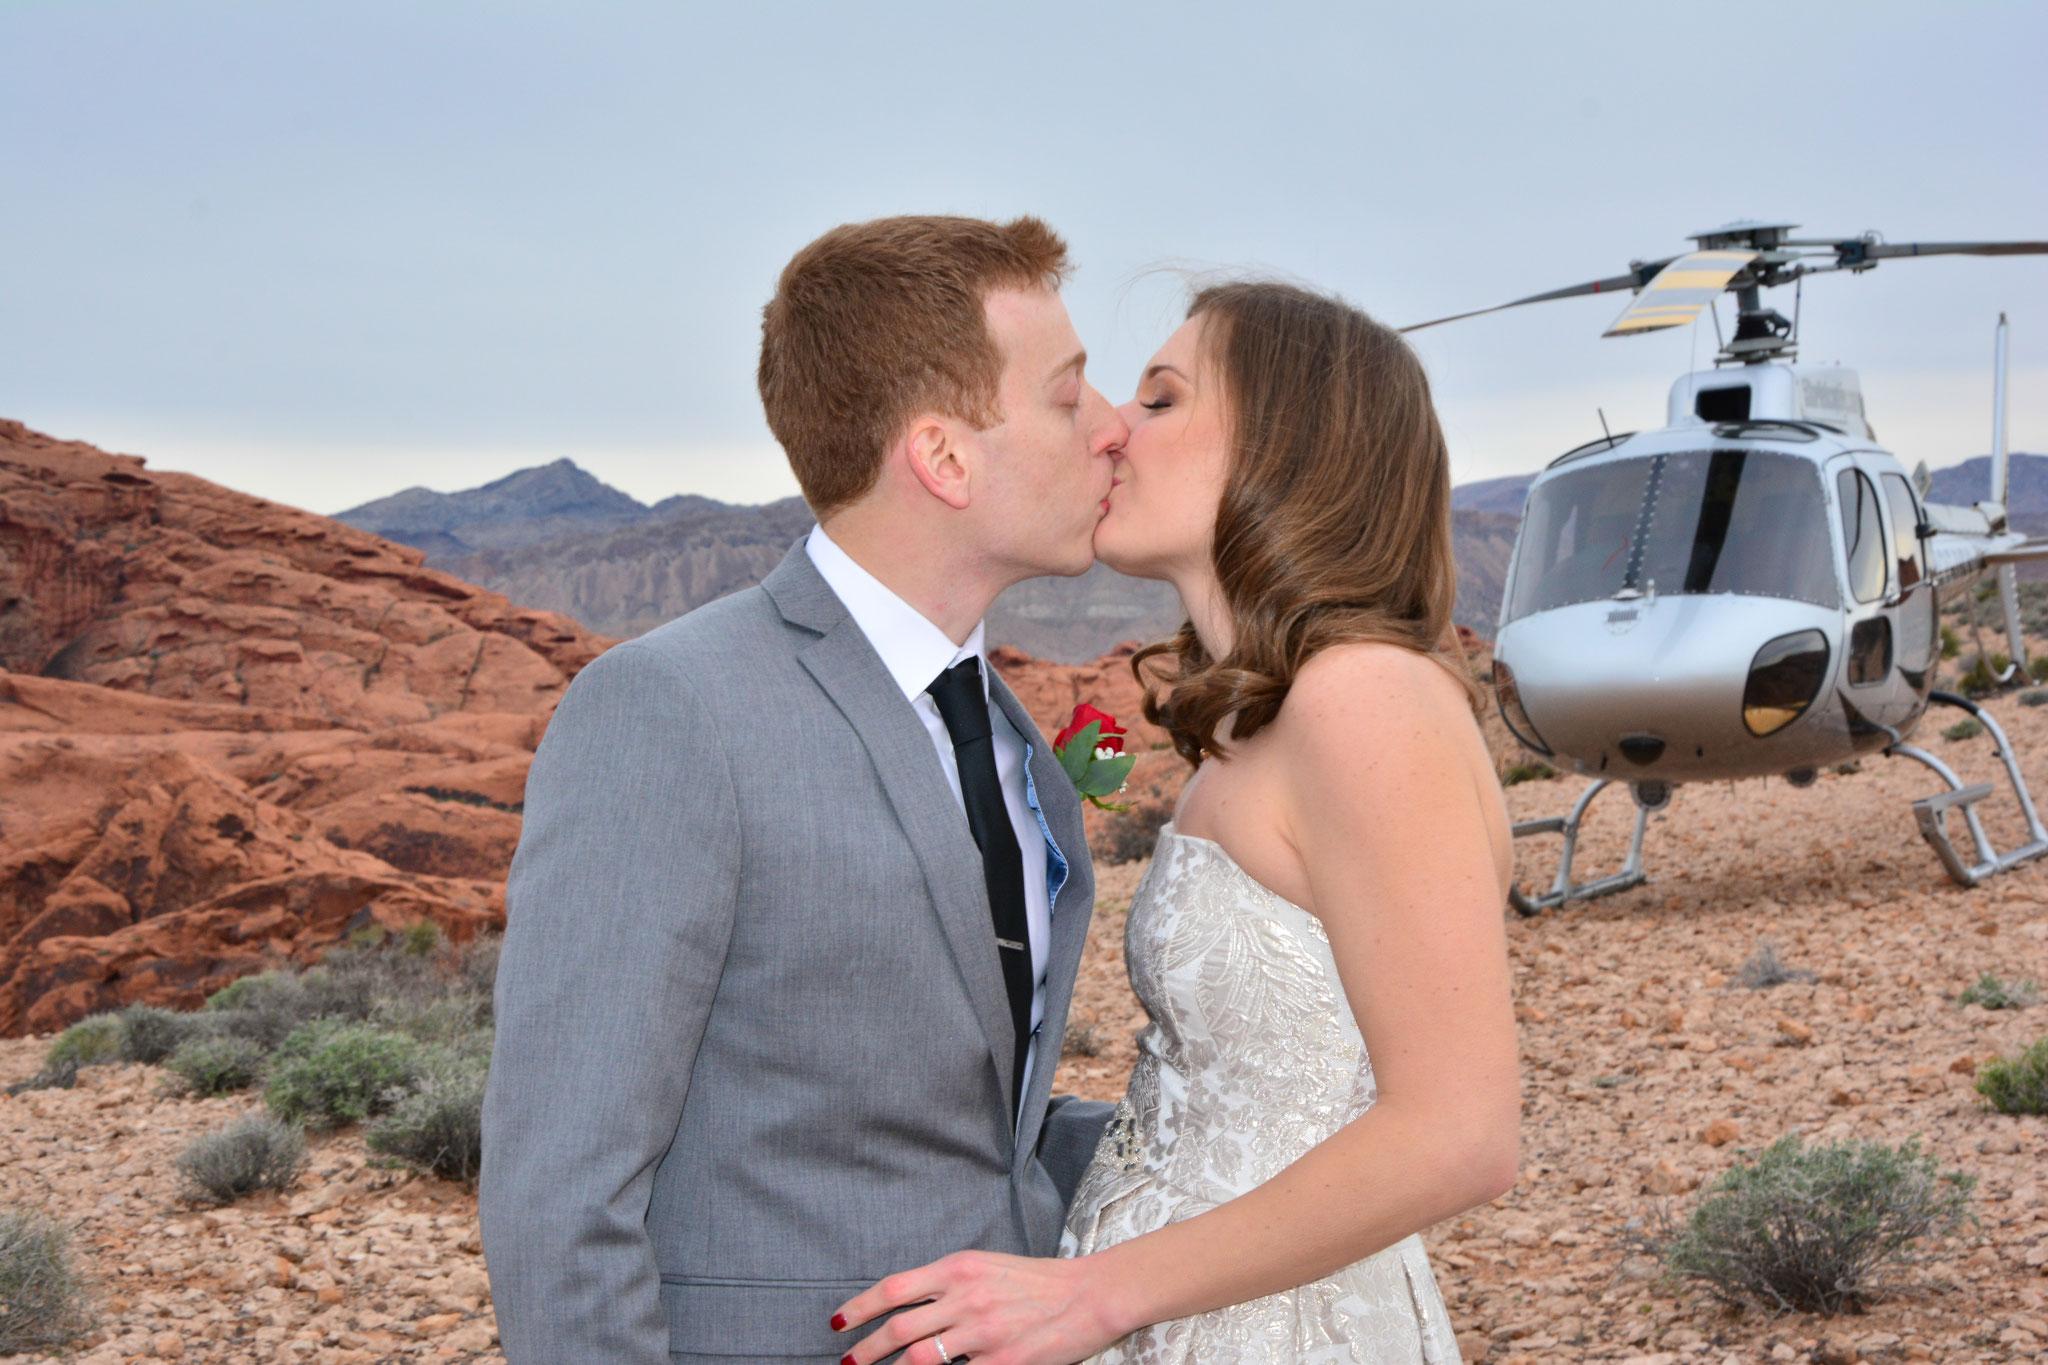 Verliebt, vorlobt, verheiratat in Las Vegas